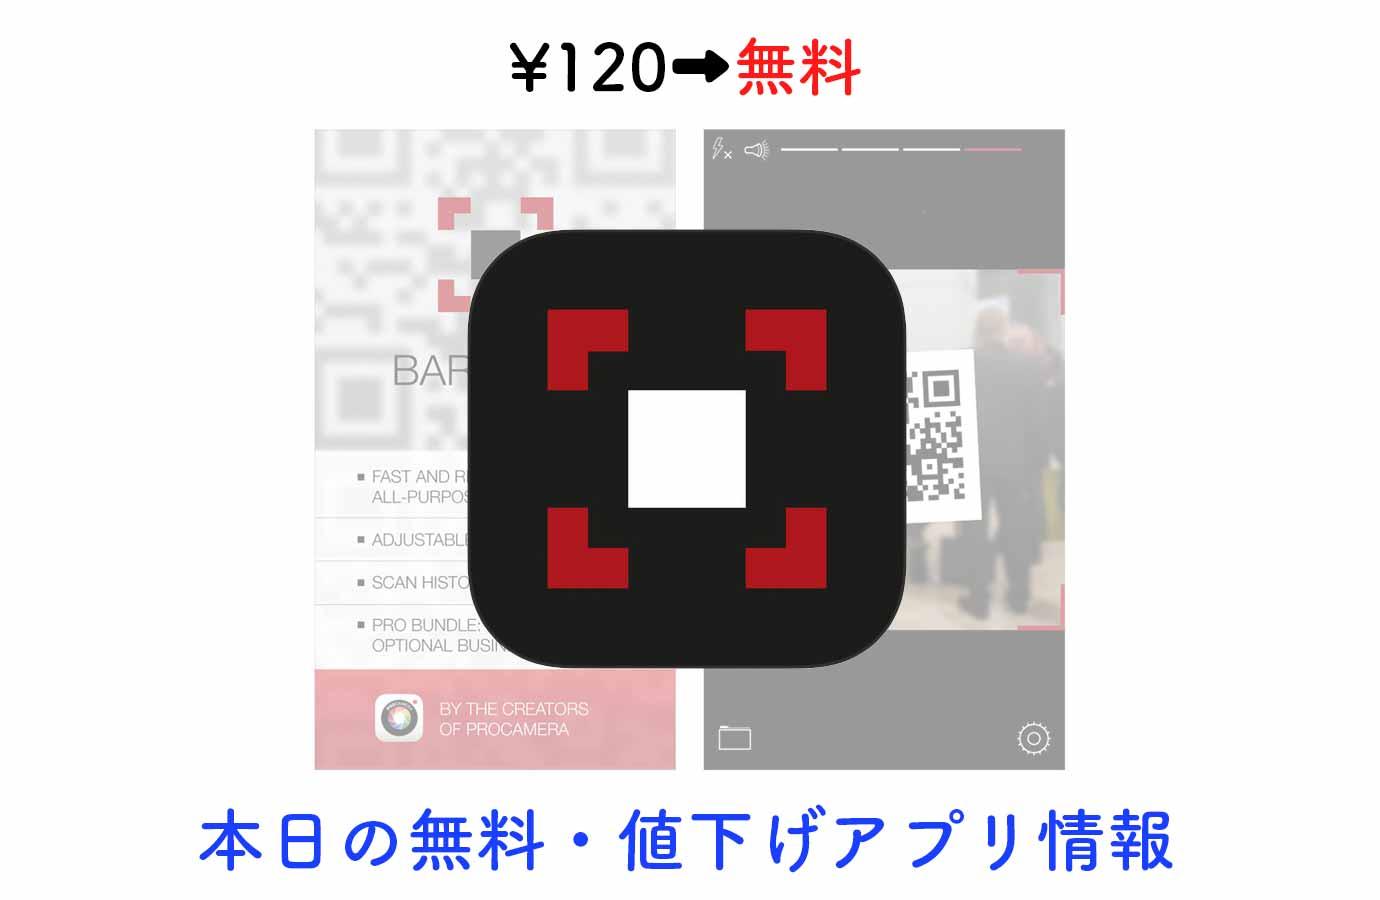 ¥120→無料、高精度のQRコード・バーコードリーダー「Barcode」など【9/2】本日の無料・値下げアプリ情報